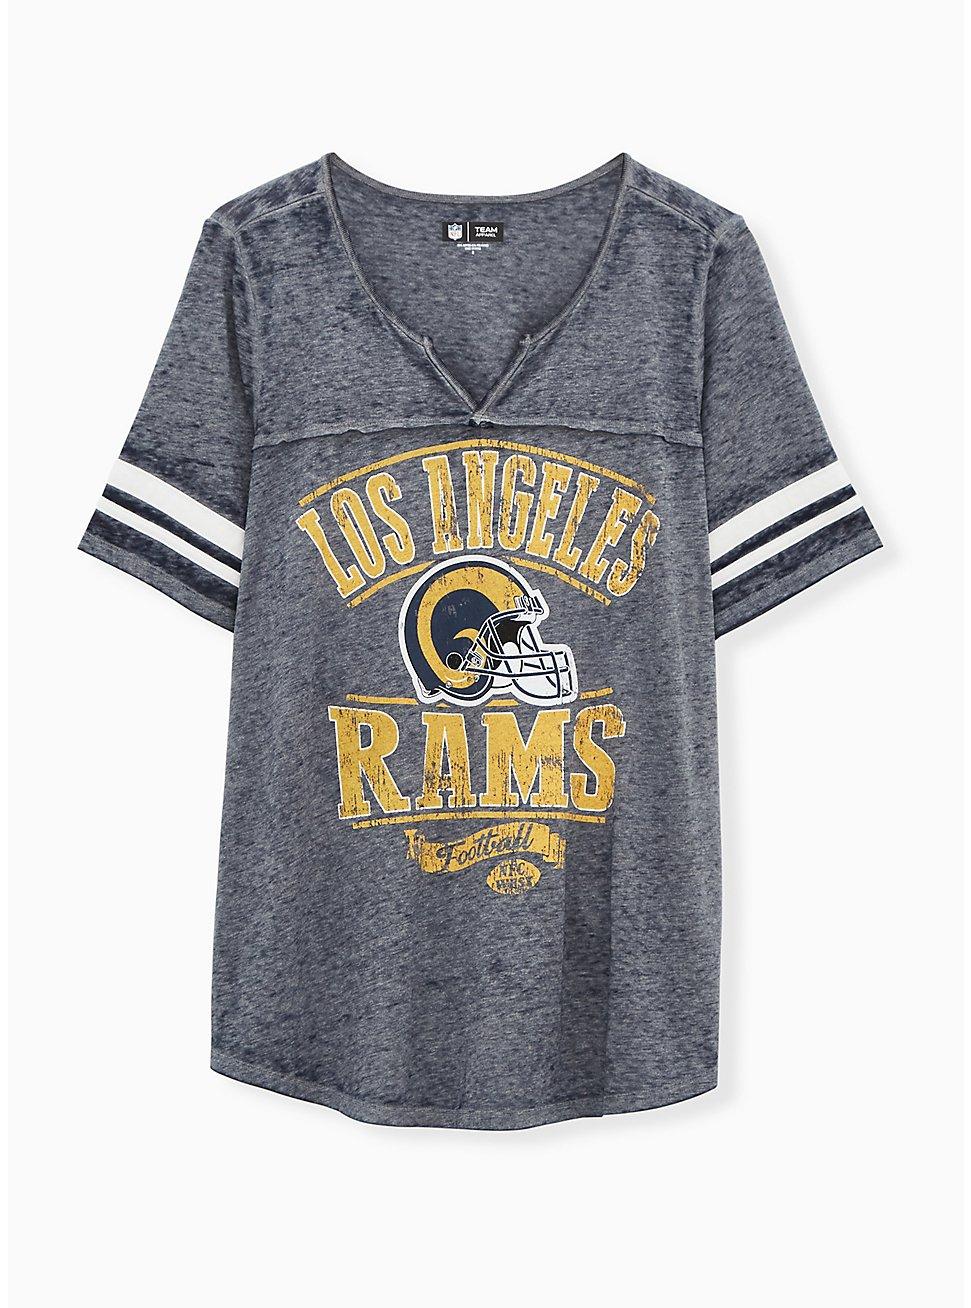 NFL Los Angeles Rams Football Tee - Vintage Navy, PEACOAT, hi-res